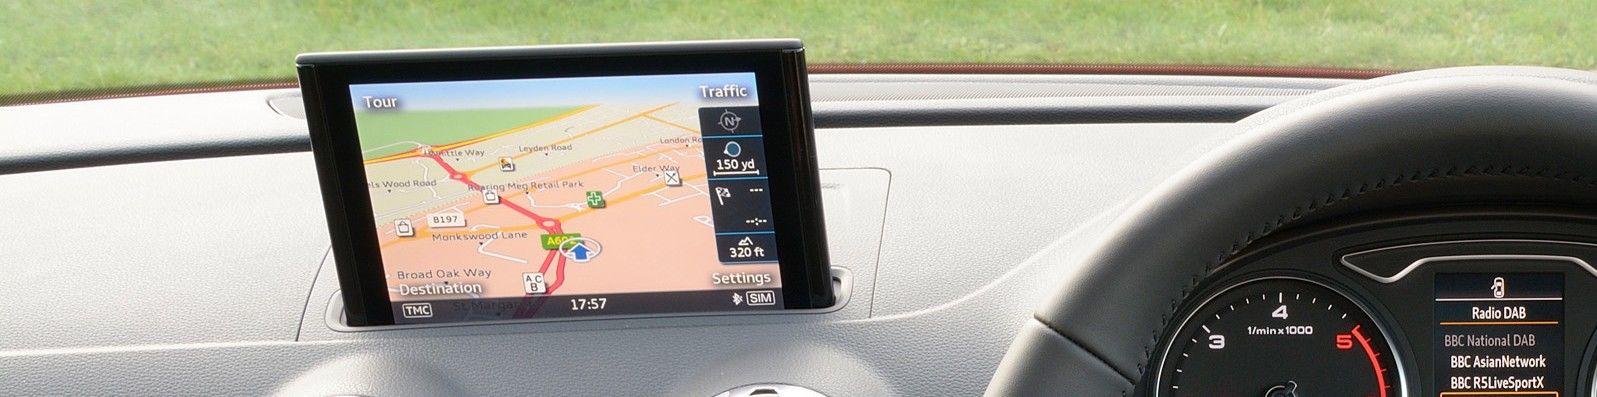 audi a3 options and specs carwow rh carwow co uk Custom Audi A3 Wheels Audi A3 Dashboard